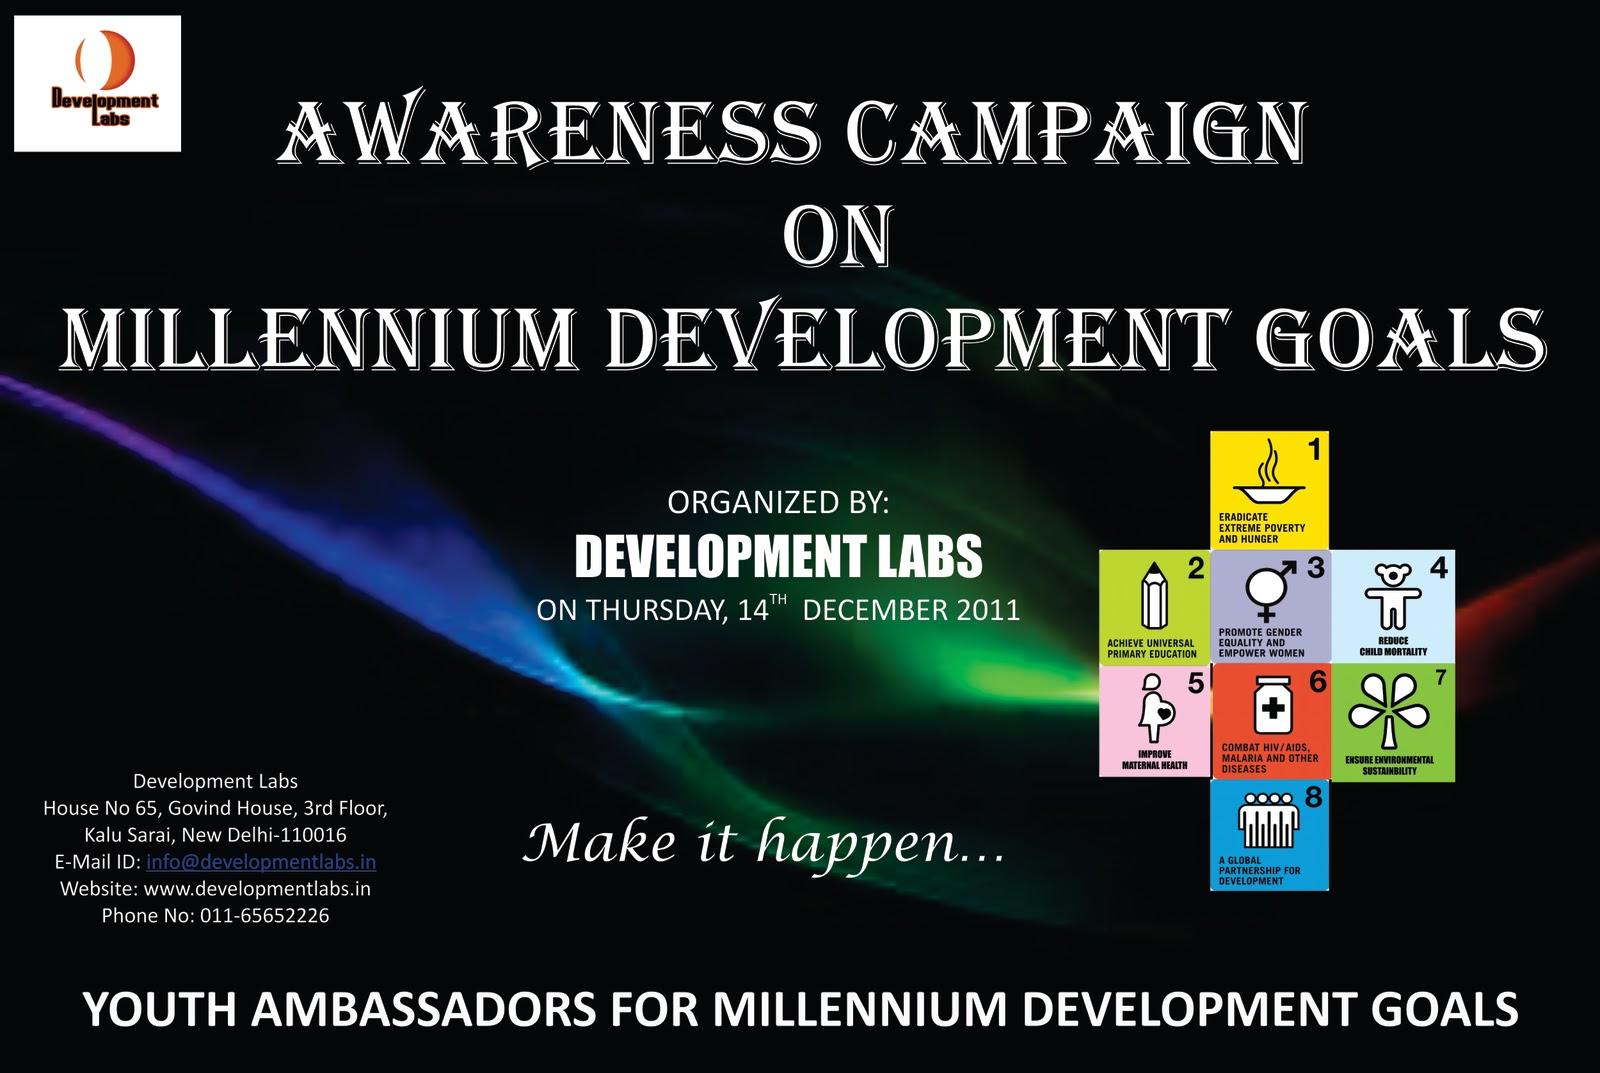 3rd millennium development goal